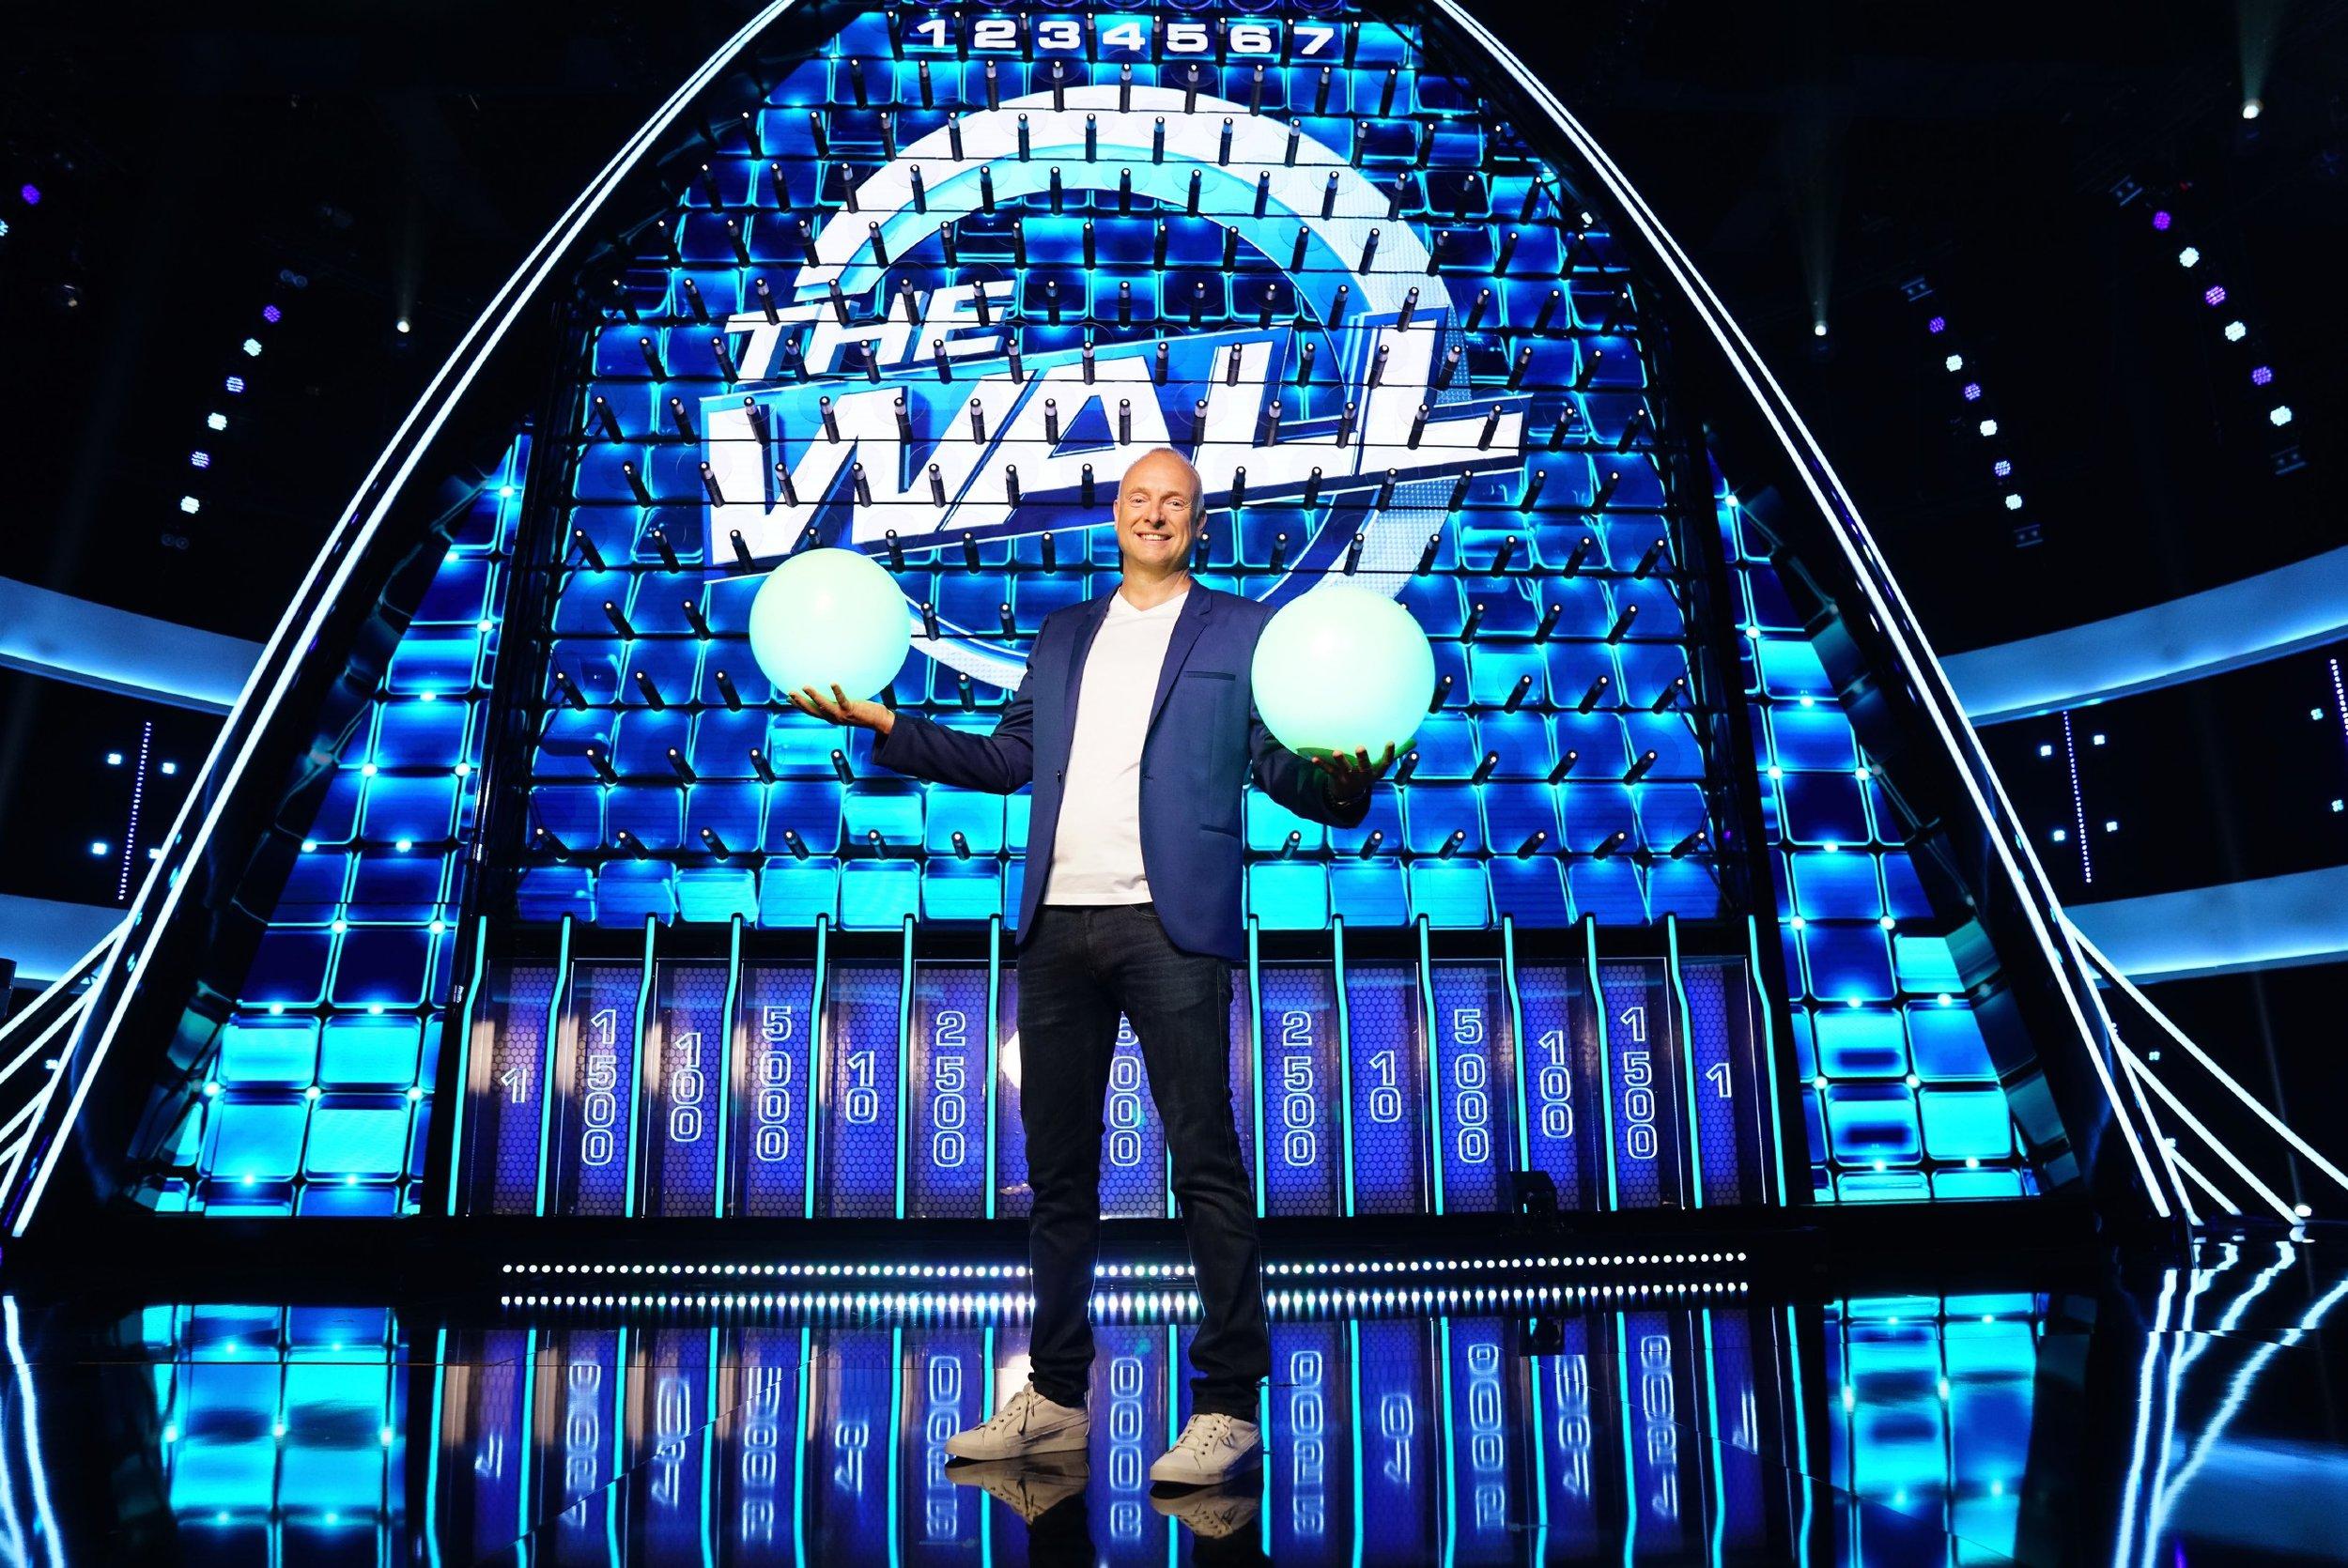 RTL_TheWall-_I_Buschmann_Frank_3.jpg